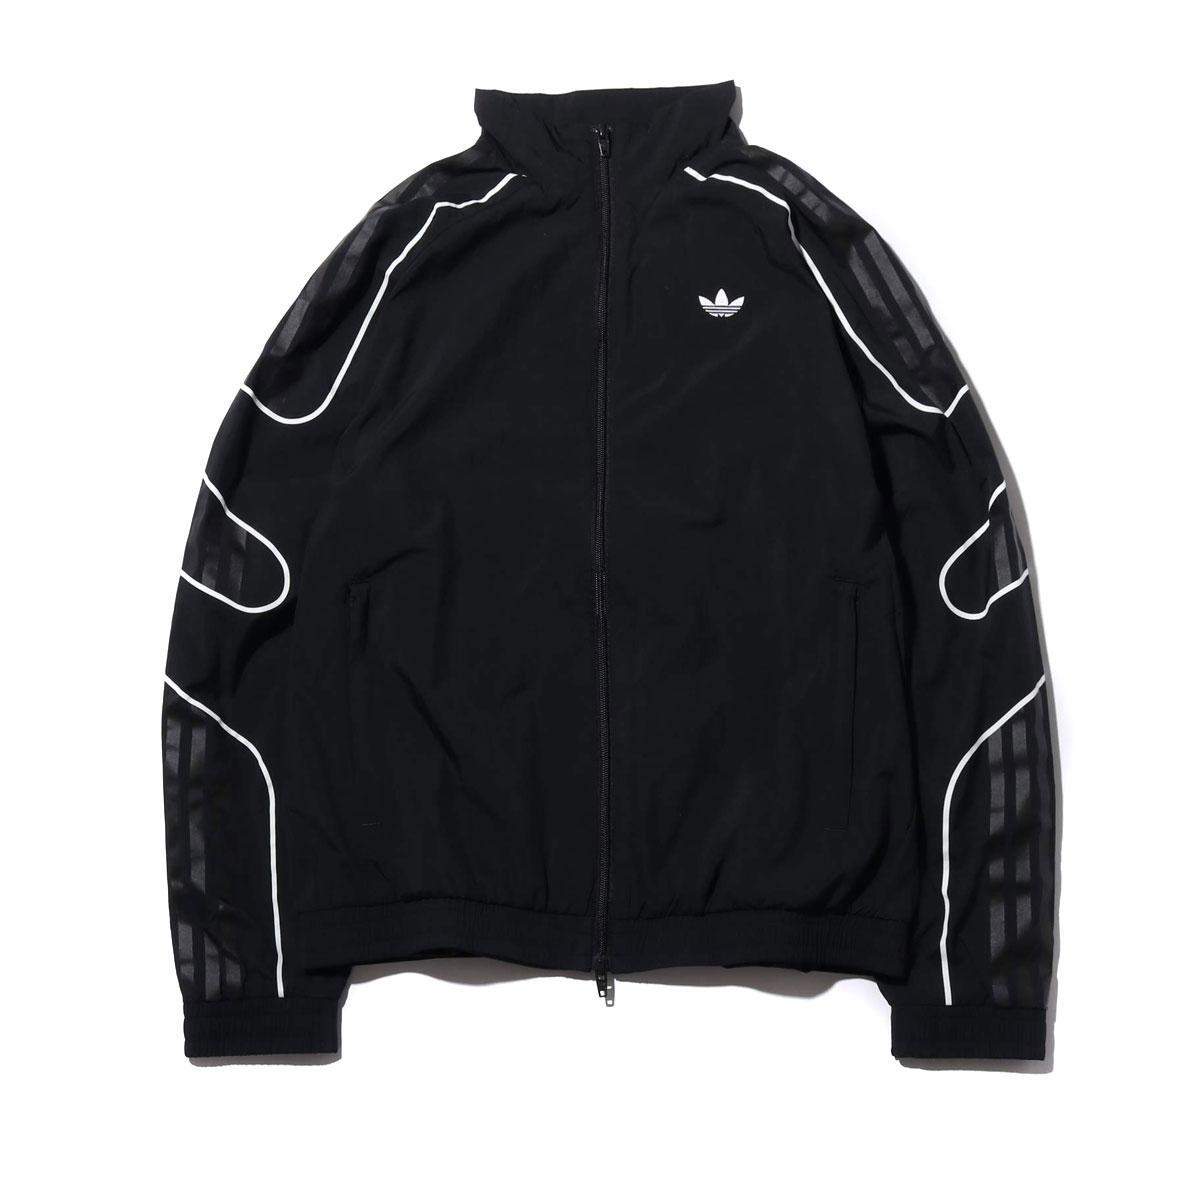 adidas FLAMESTRIKE WOVEN TRACK TOP(BLACK)(アディダス フレイムストライク ウーブン トラック トップ)【メンズ】【ジャージ】【19SS-I】